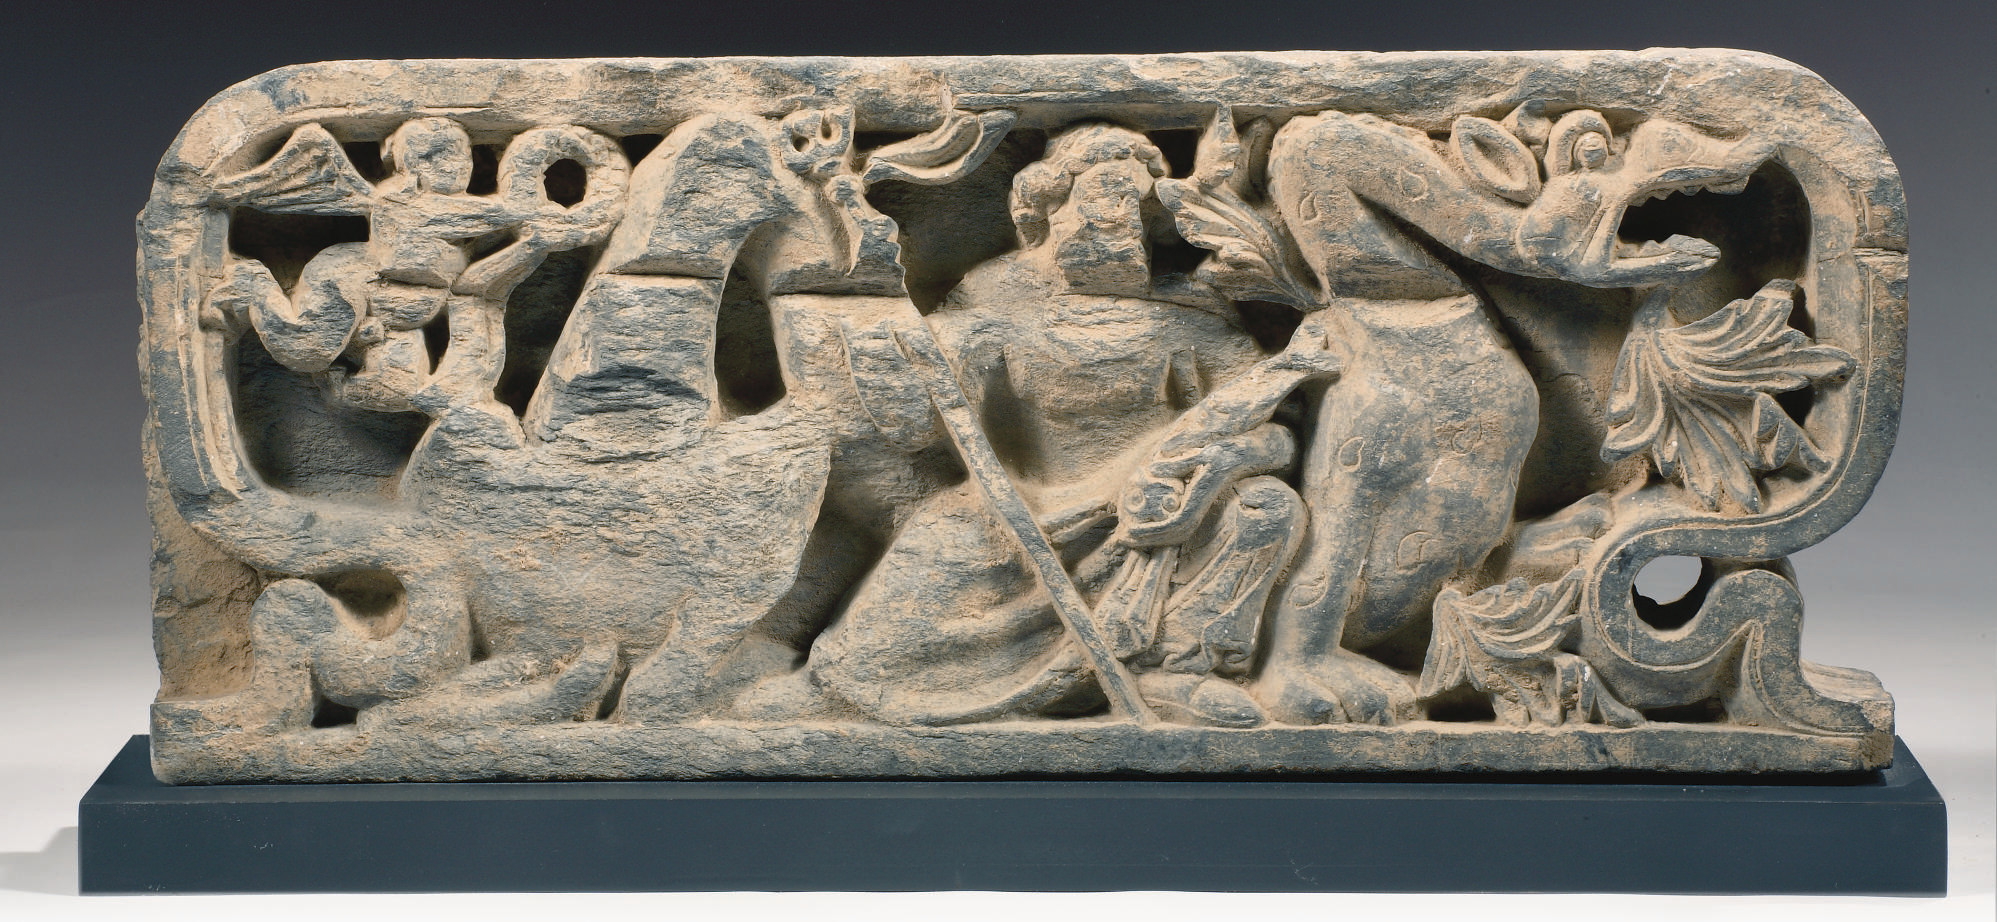 A Gandhara grey schist relief